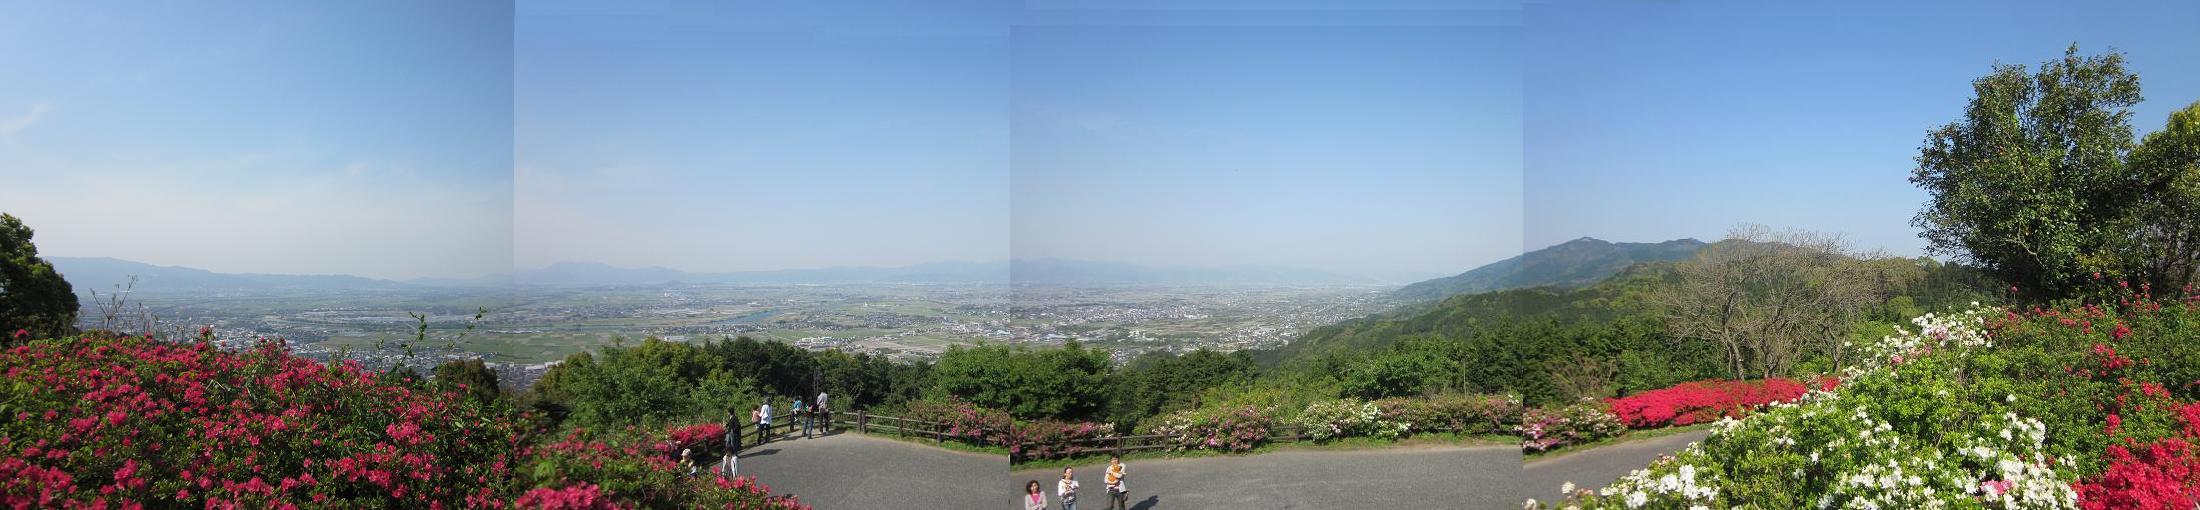 2011年04月29日レバー交換と高良山チョイツー039